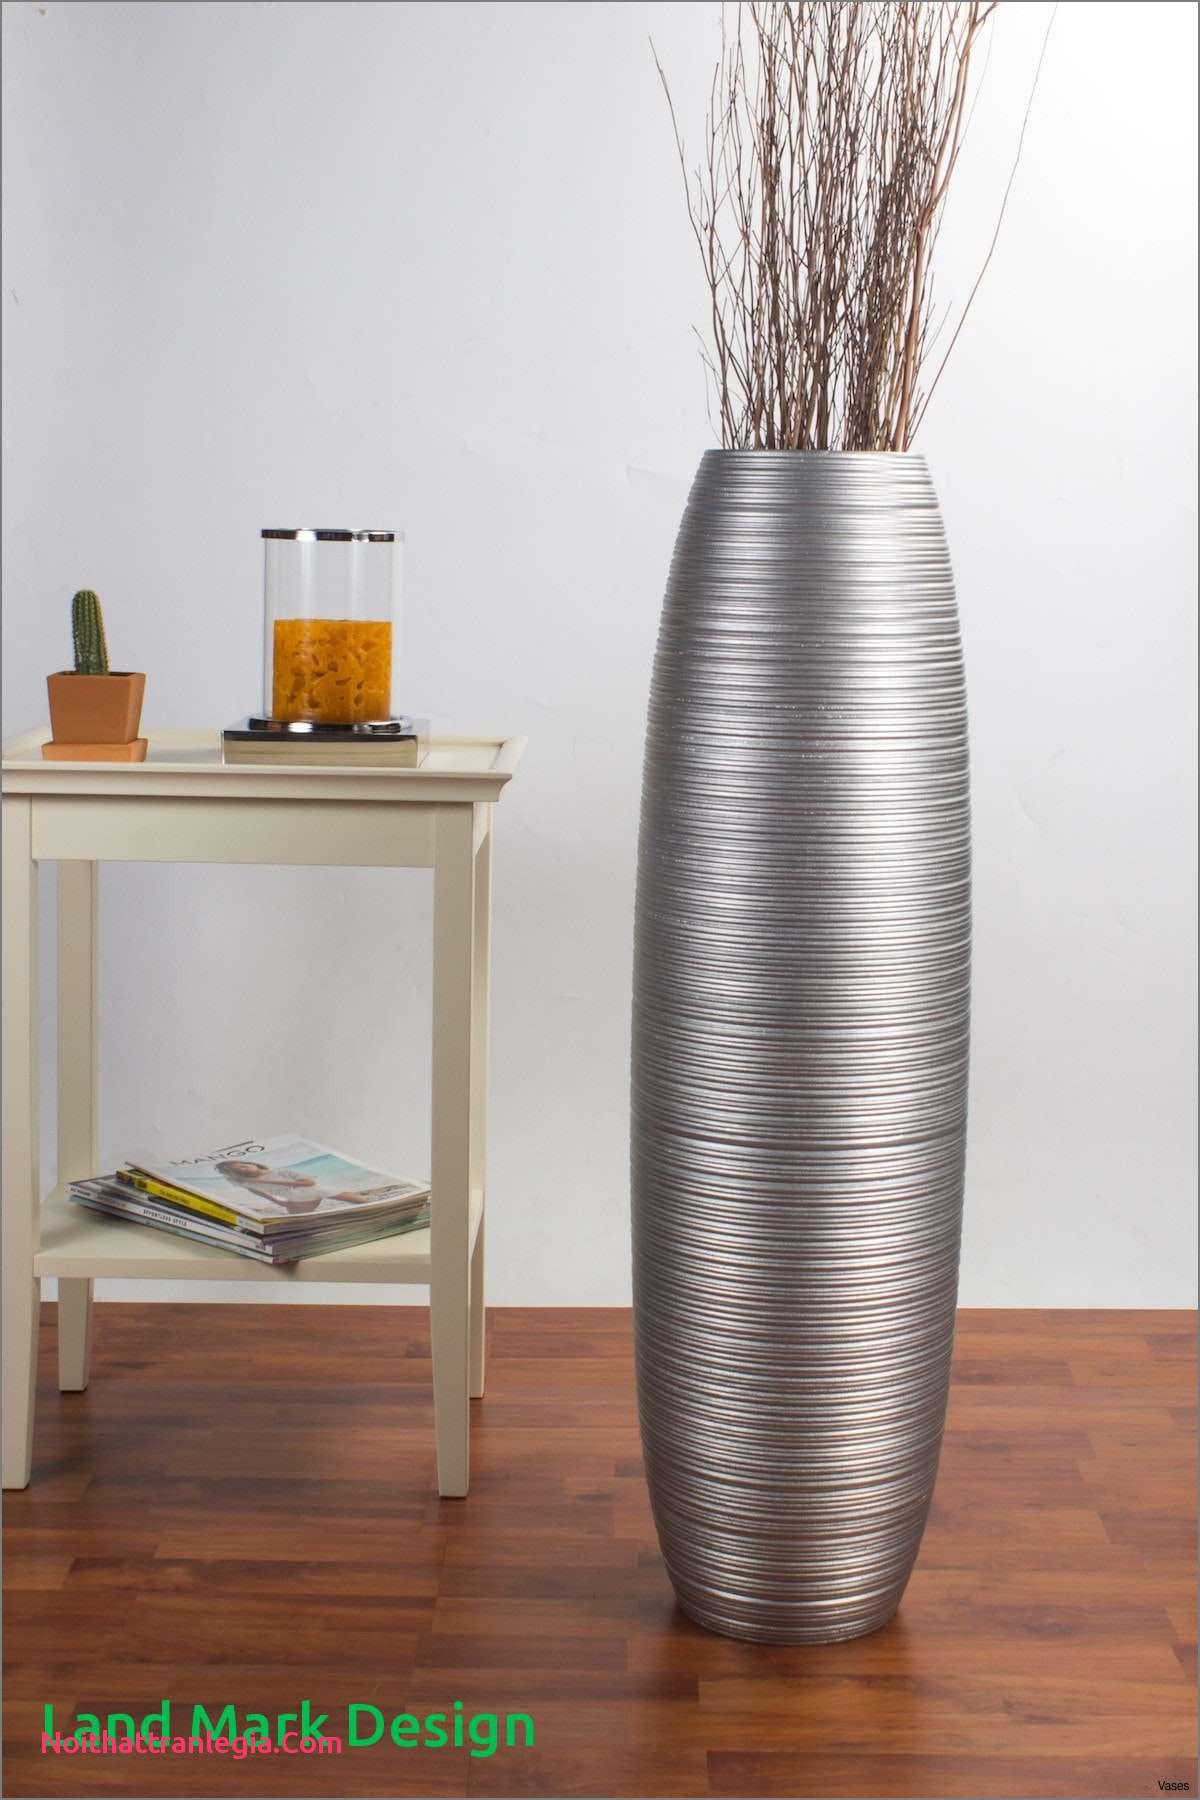 extra tall floor vases of 20 large floor vase nz noithattranlegia vases design inside d dkbrw 5743 1h vases 36 floor vase i 0d